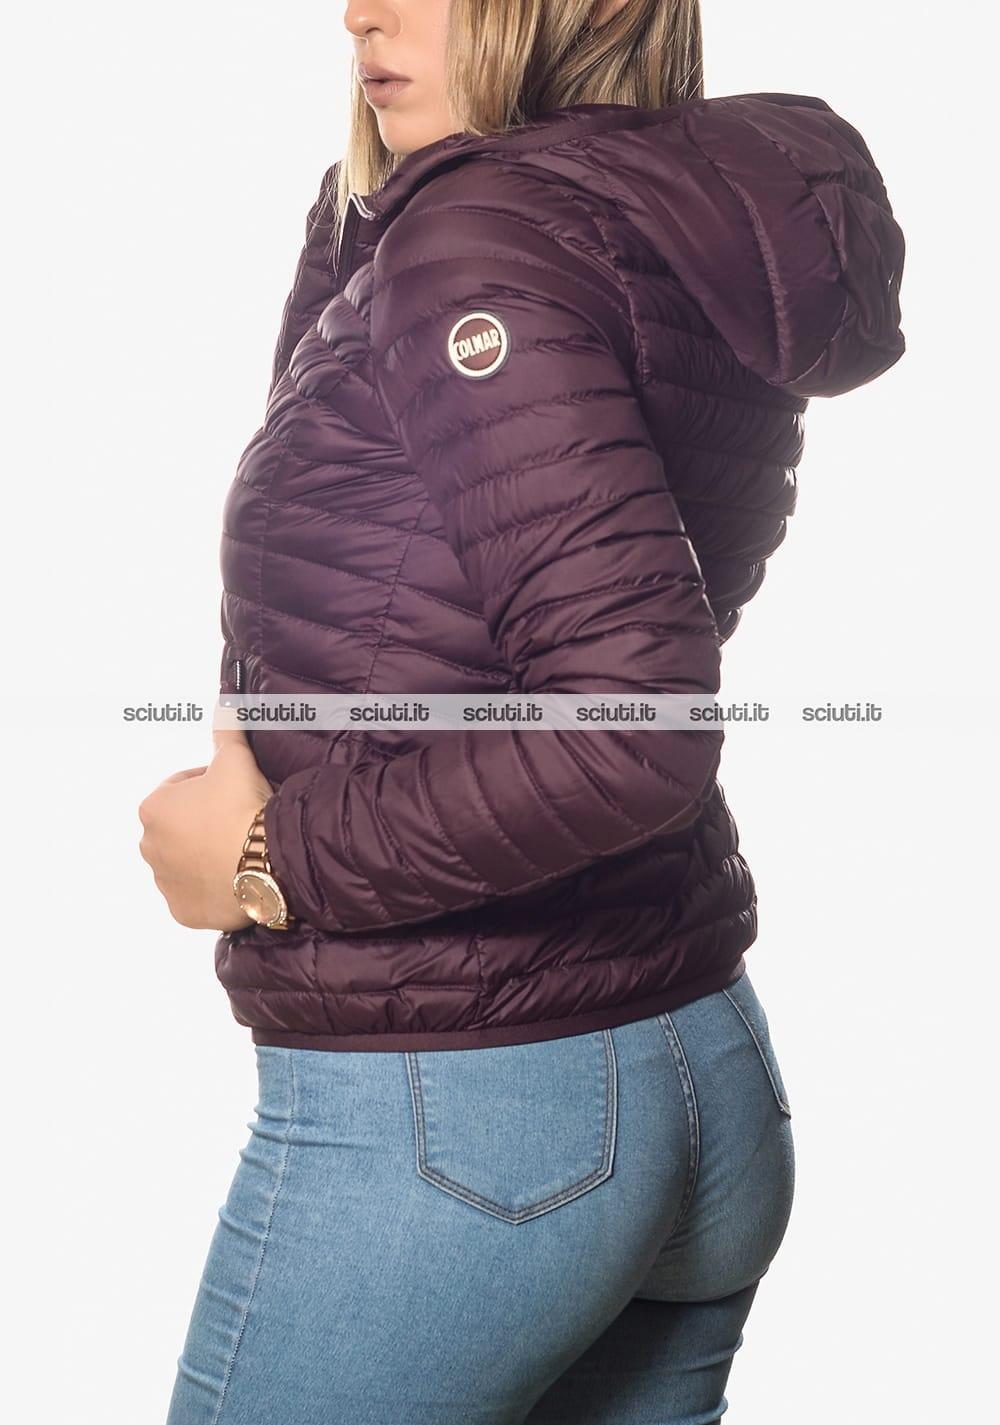 promo code 11b9b e1f7b Piumino Colmar donna leggero con cappuccio prugna